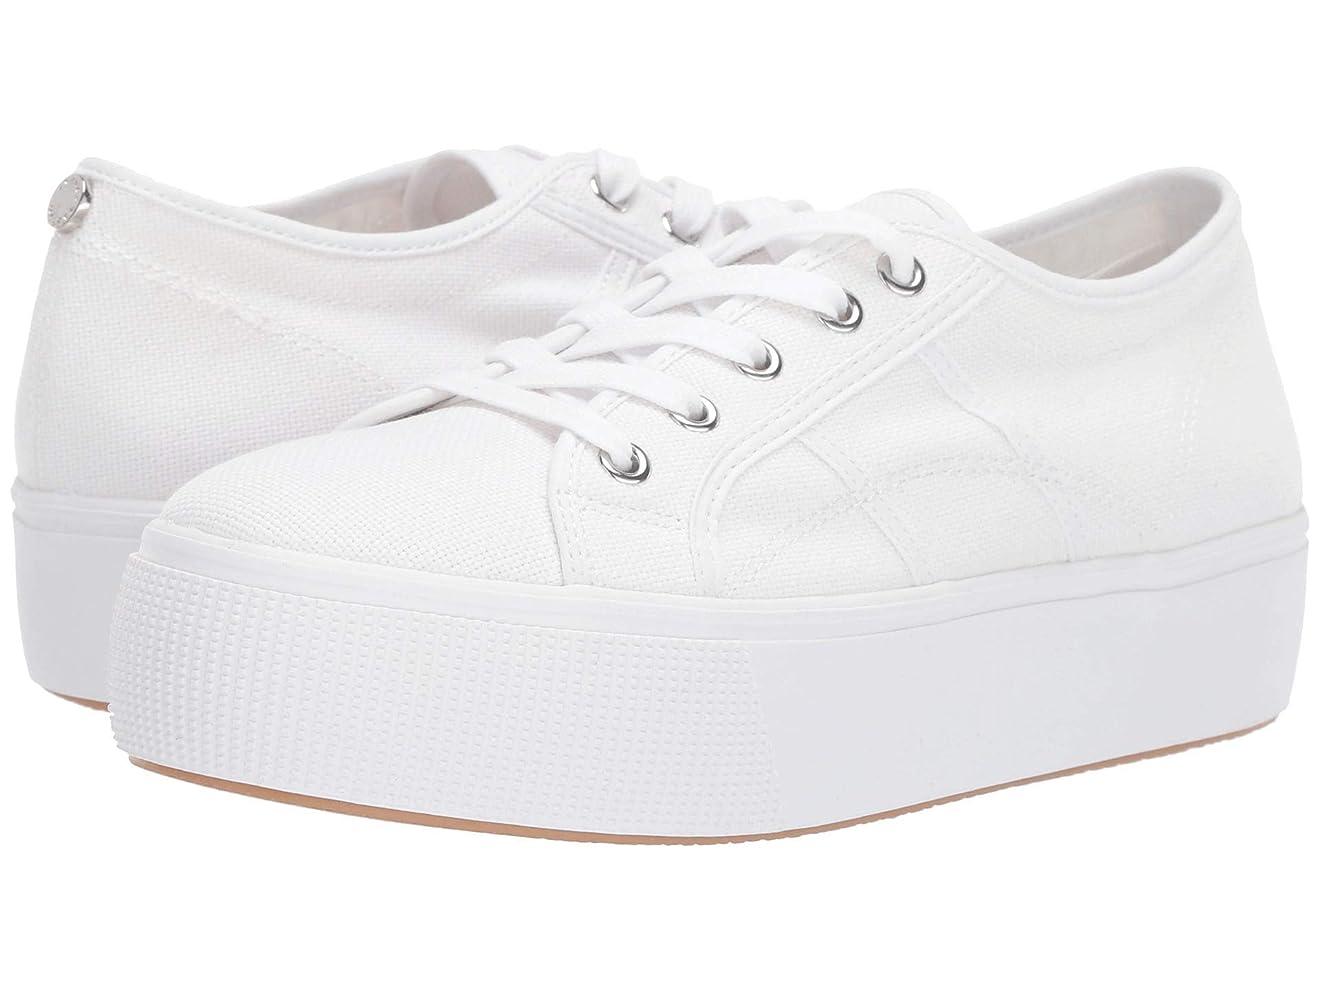 ポーズ許可面[スティーブ マデン] レディース スニーカー Emmi Platform Sneaker [並行輸入品]